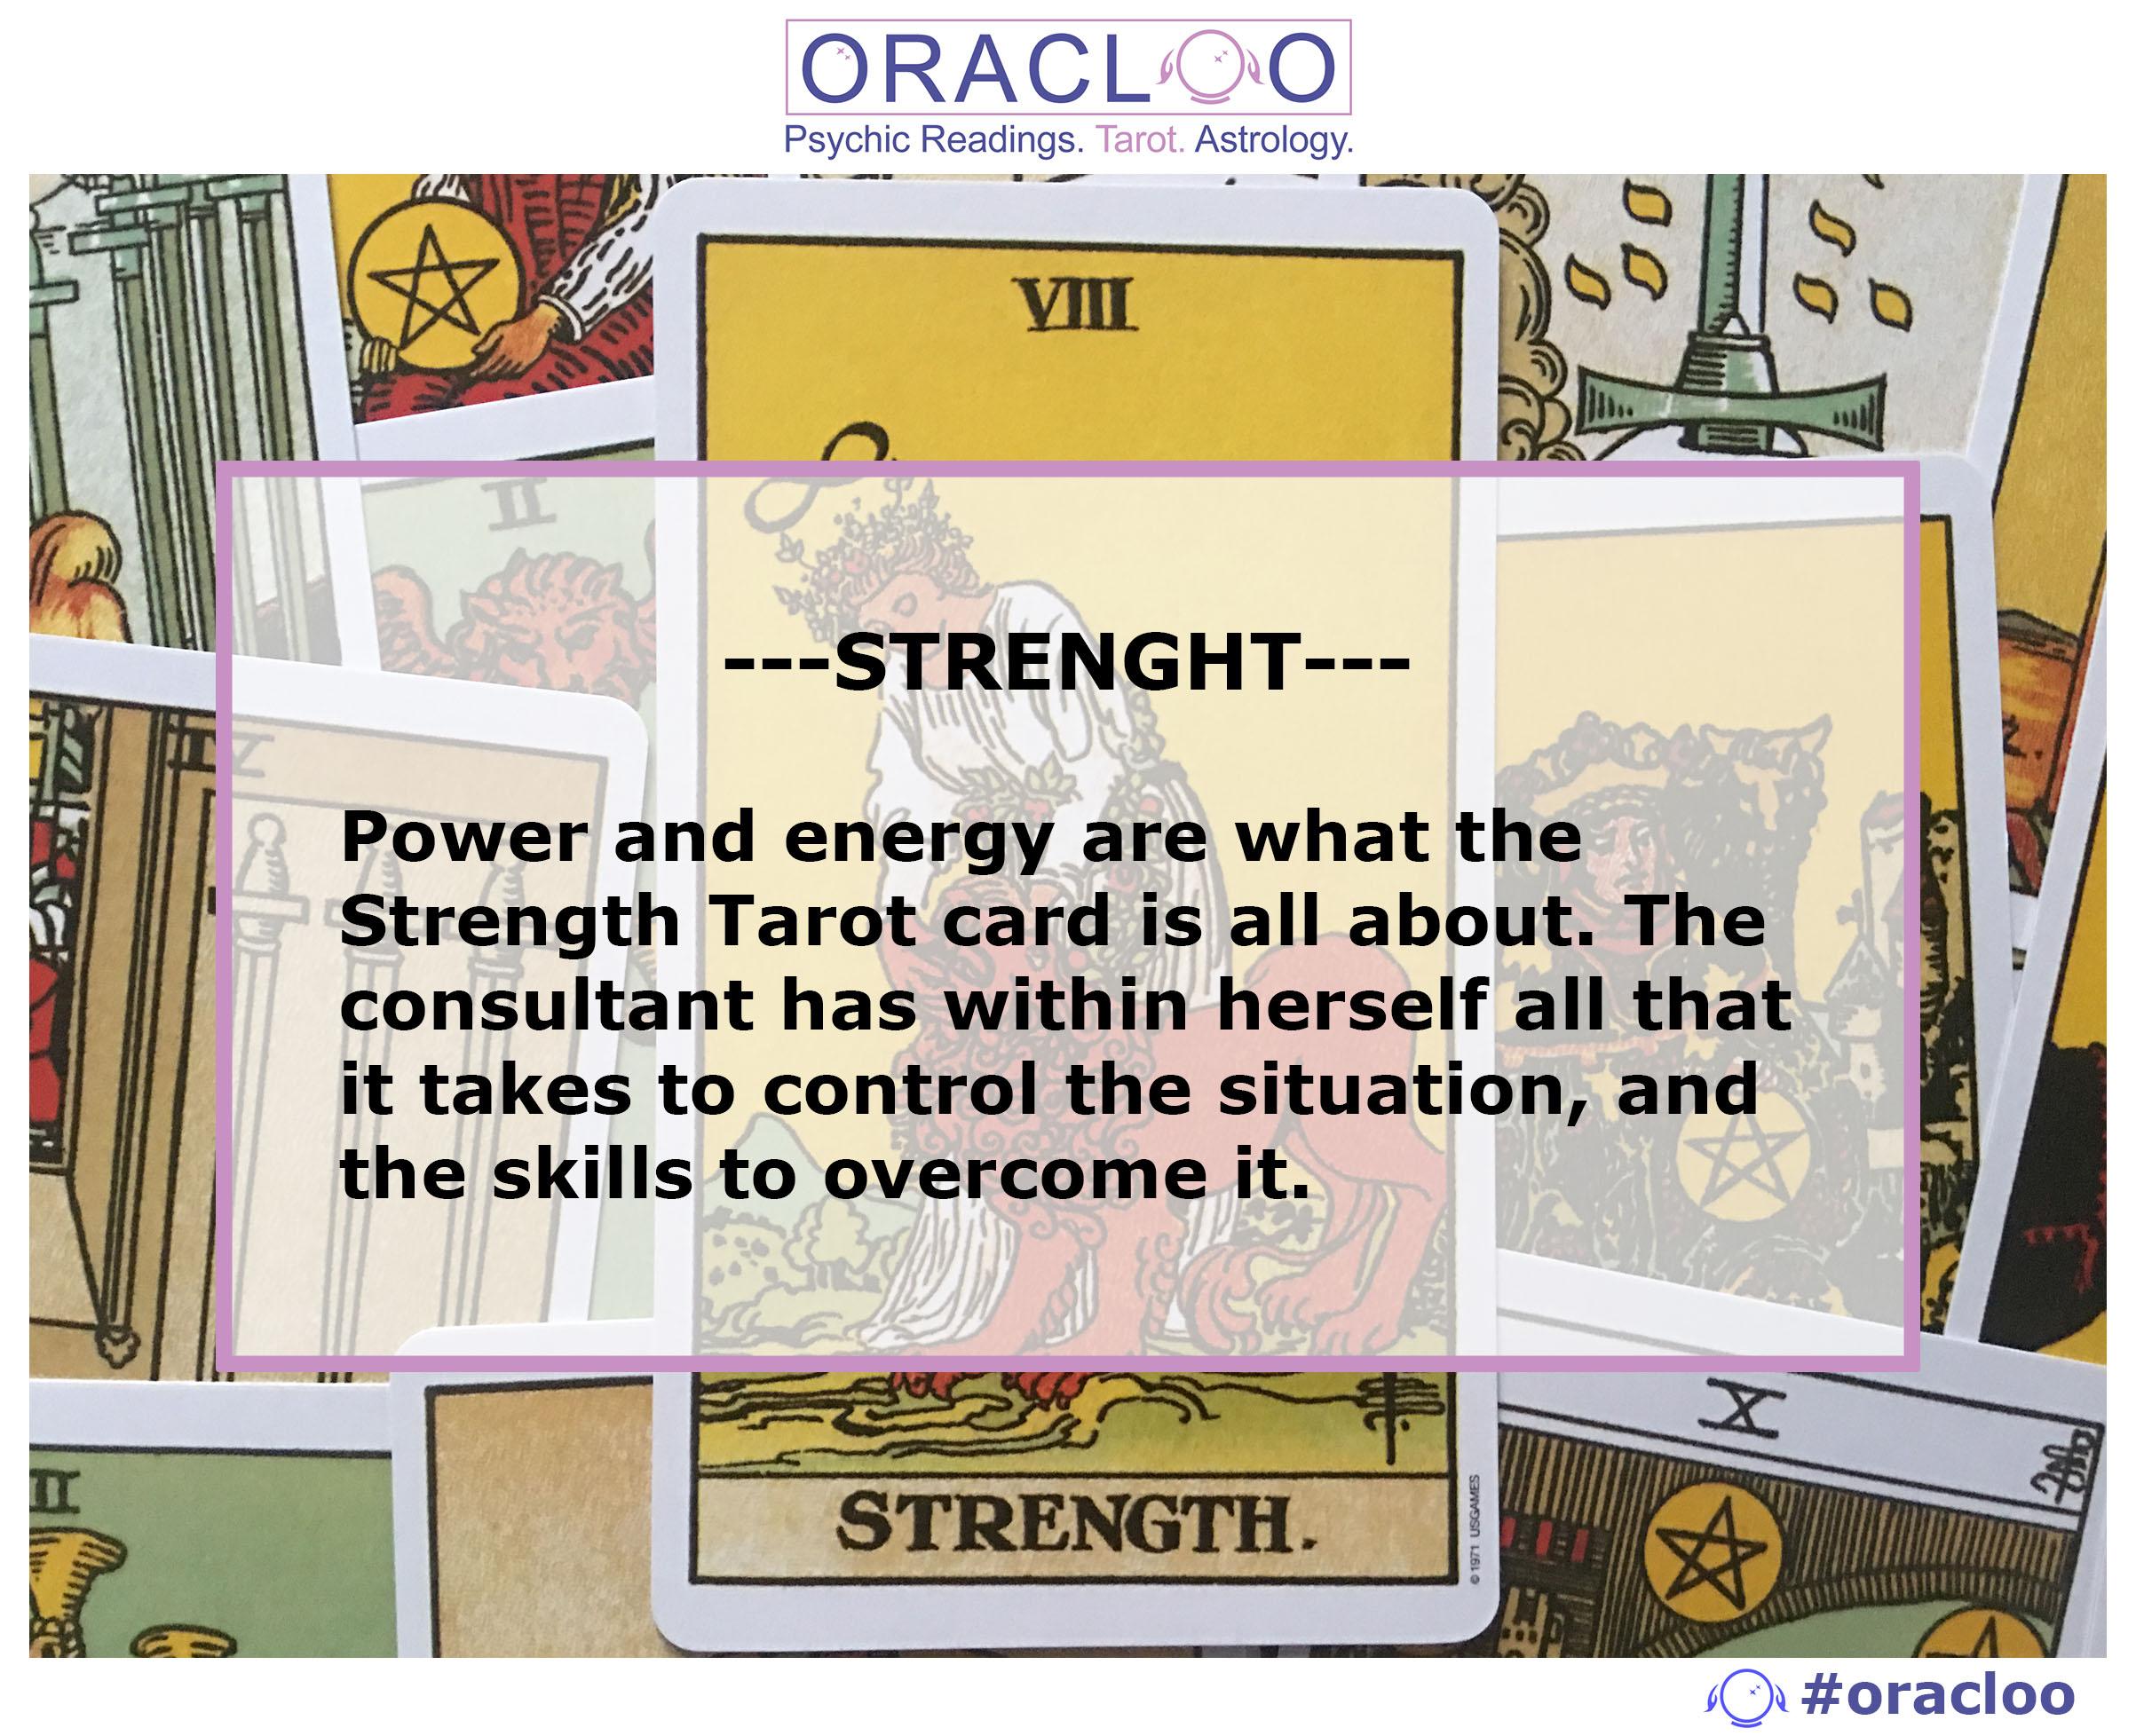 The Strength Tarot Card